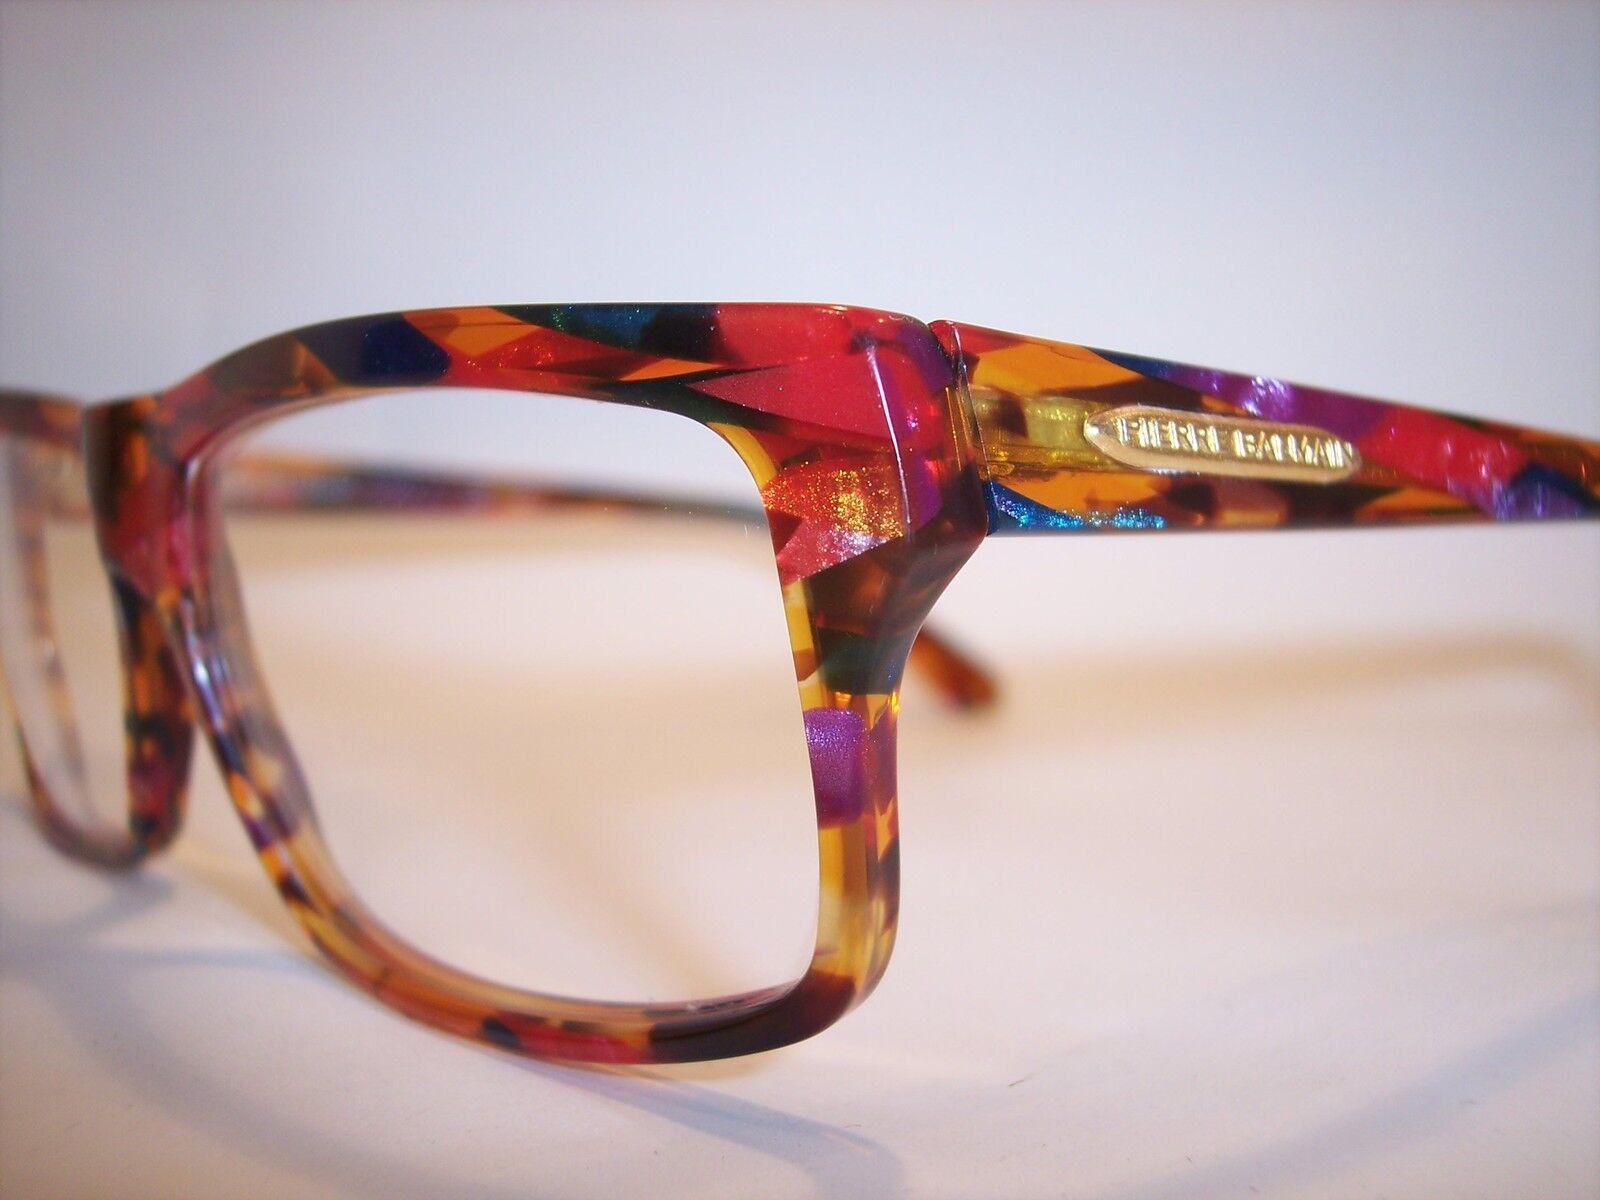 Damen-Brille Eyeglasses Lunettes by P.BALMAIN Paris 100%Vintage Original 90'er | | | Langfristiger Ruf  | Zahlreiche In Vielfalt  | Online Outlet Shop  | Düsseldorf Eröffnung  a4aba8